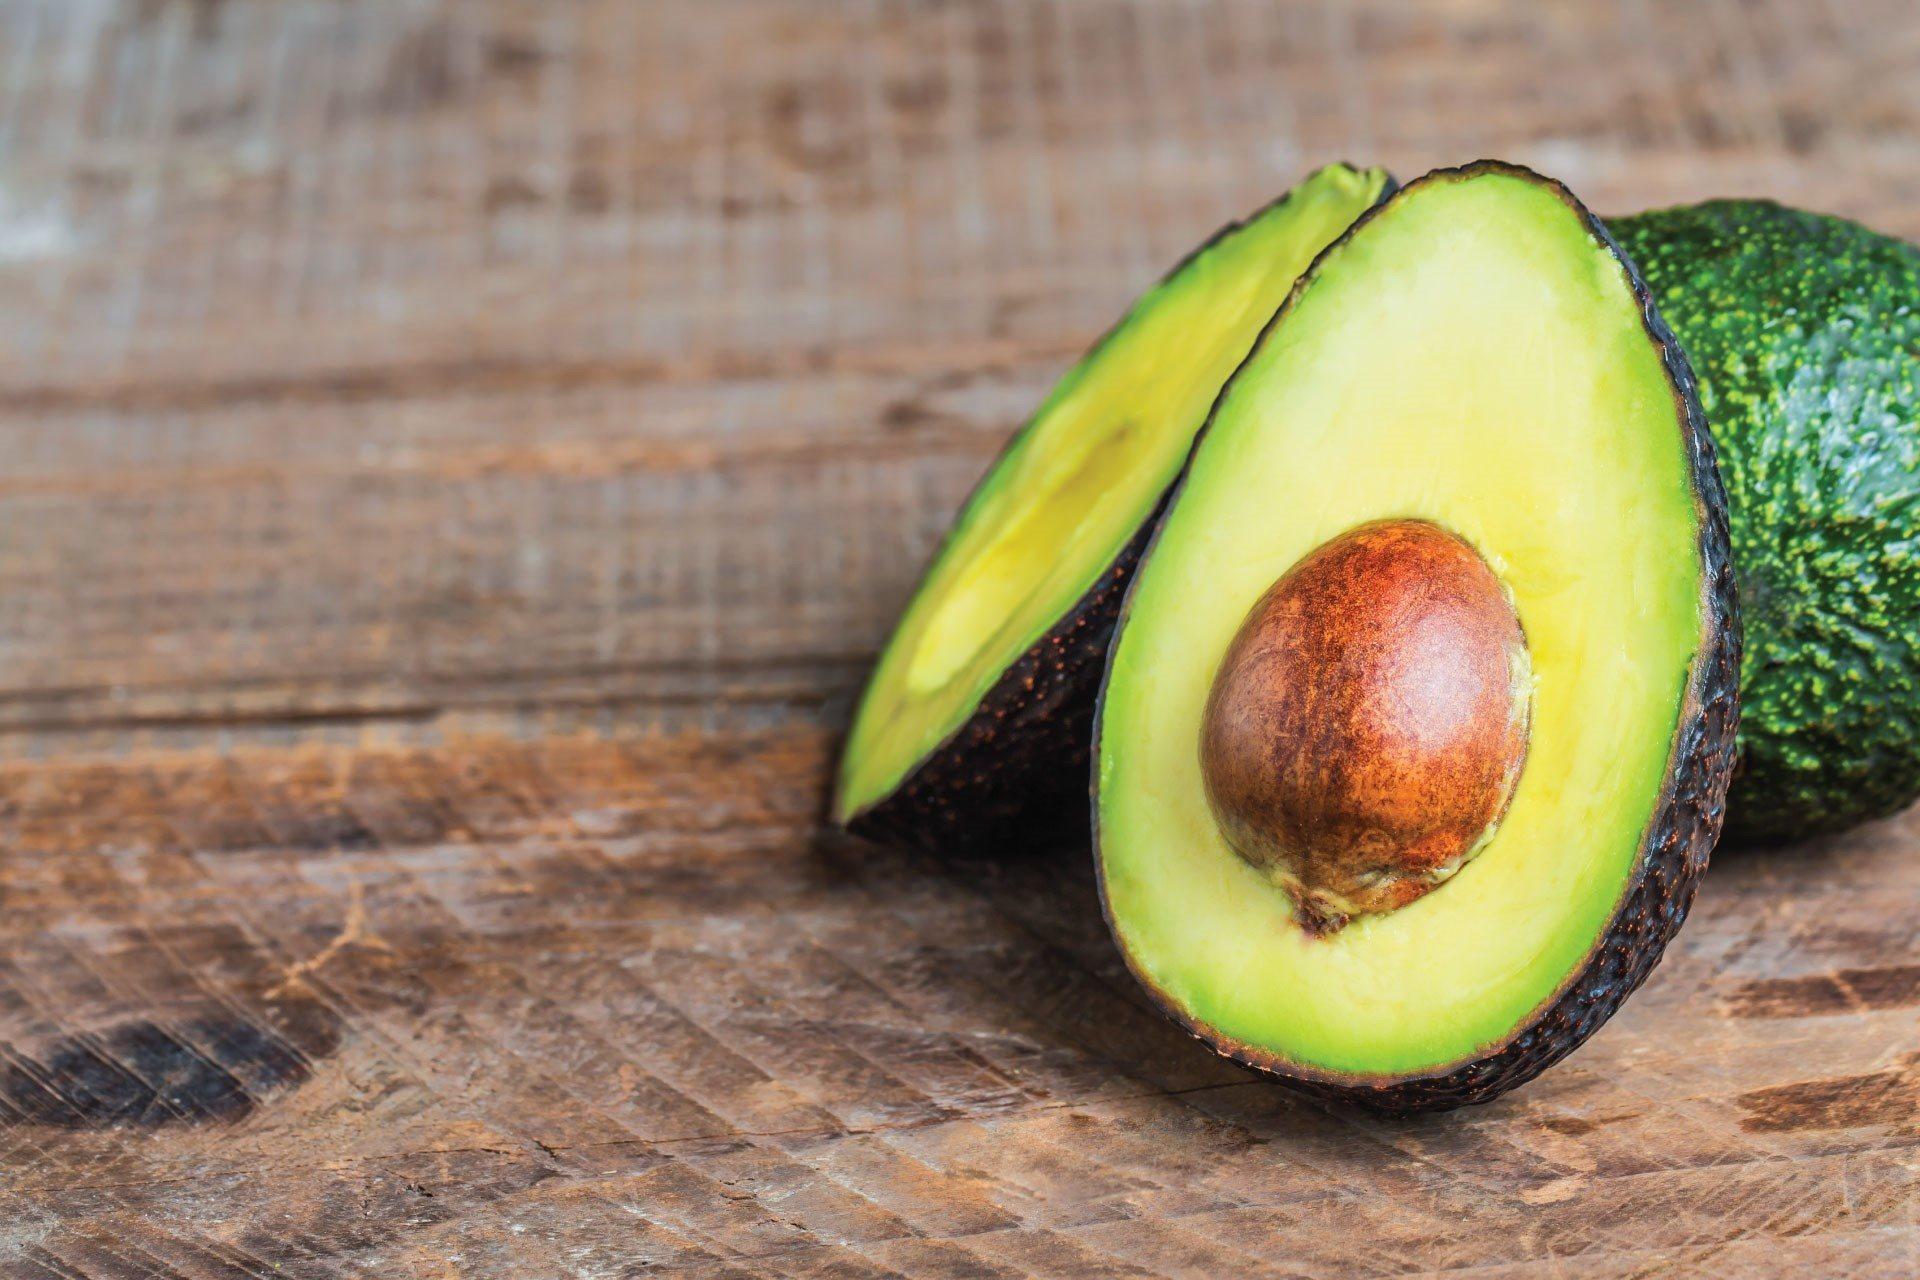 5 thực phẩm dưỡng ẩm tốt cho da, ngừa bong tróc - Ảnh 3